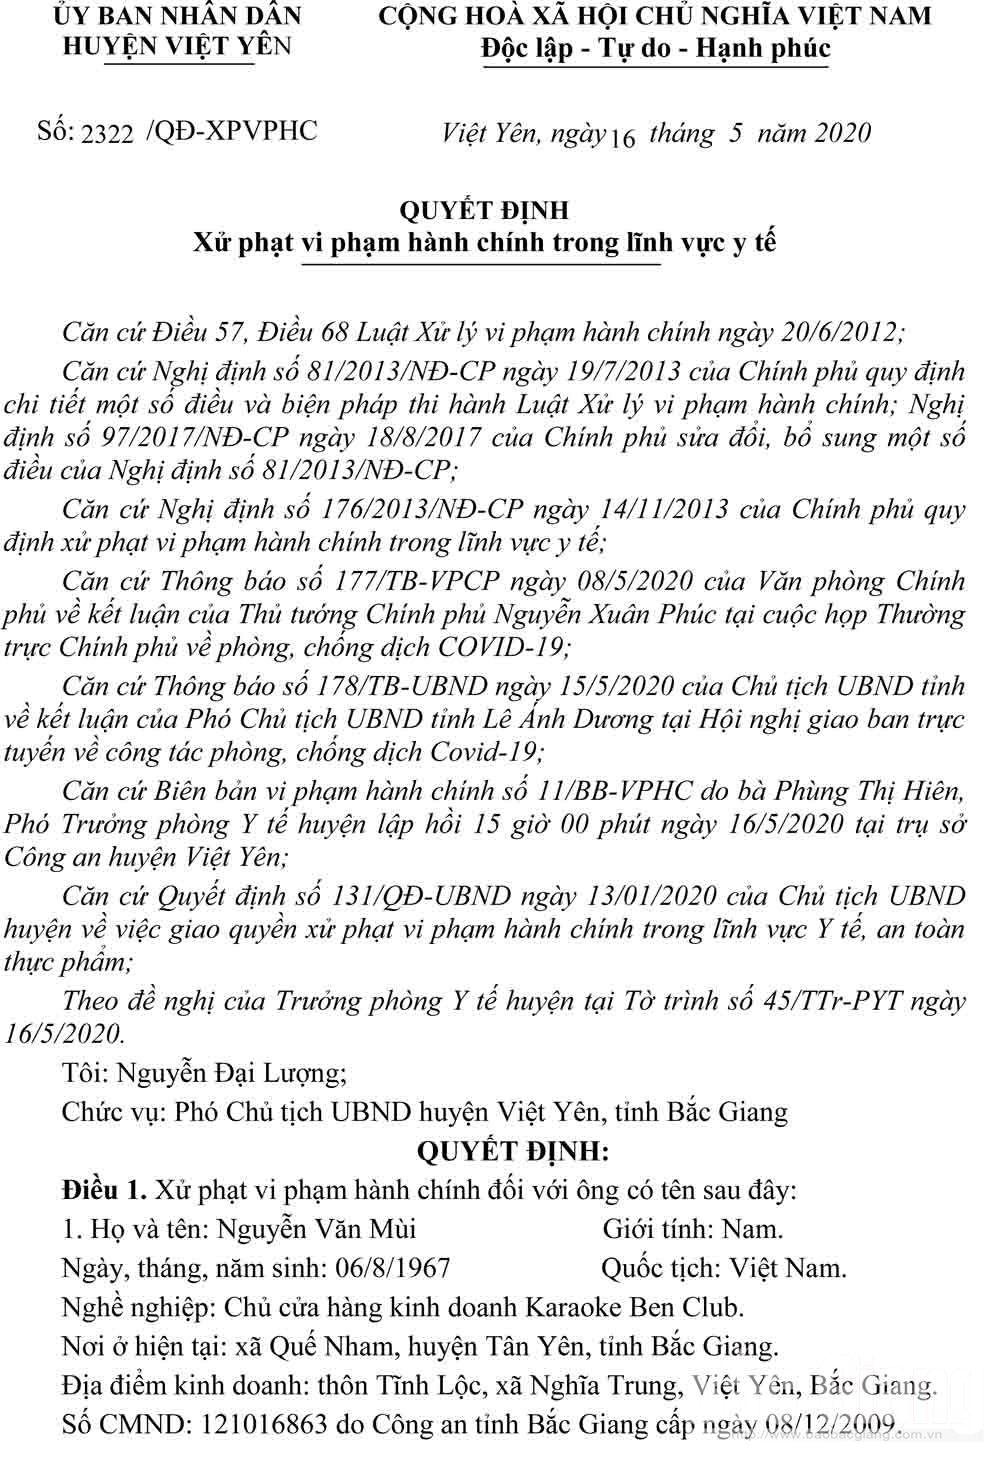 Bắc giang, covid-19, xử phạt, vi phạm, karaoke, Việt Yên